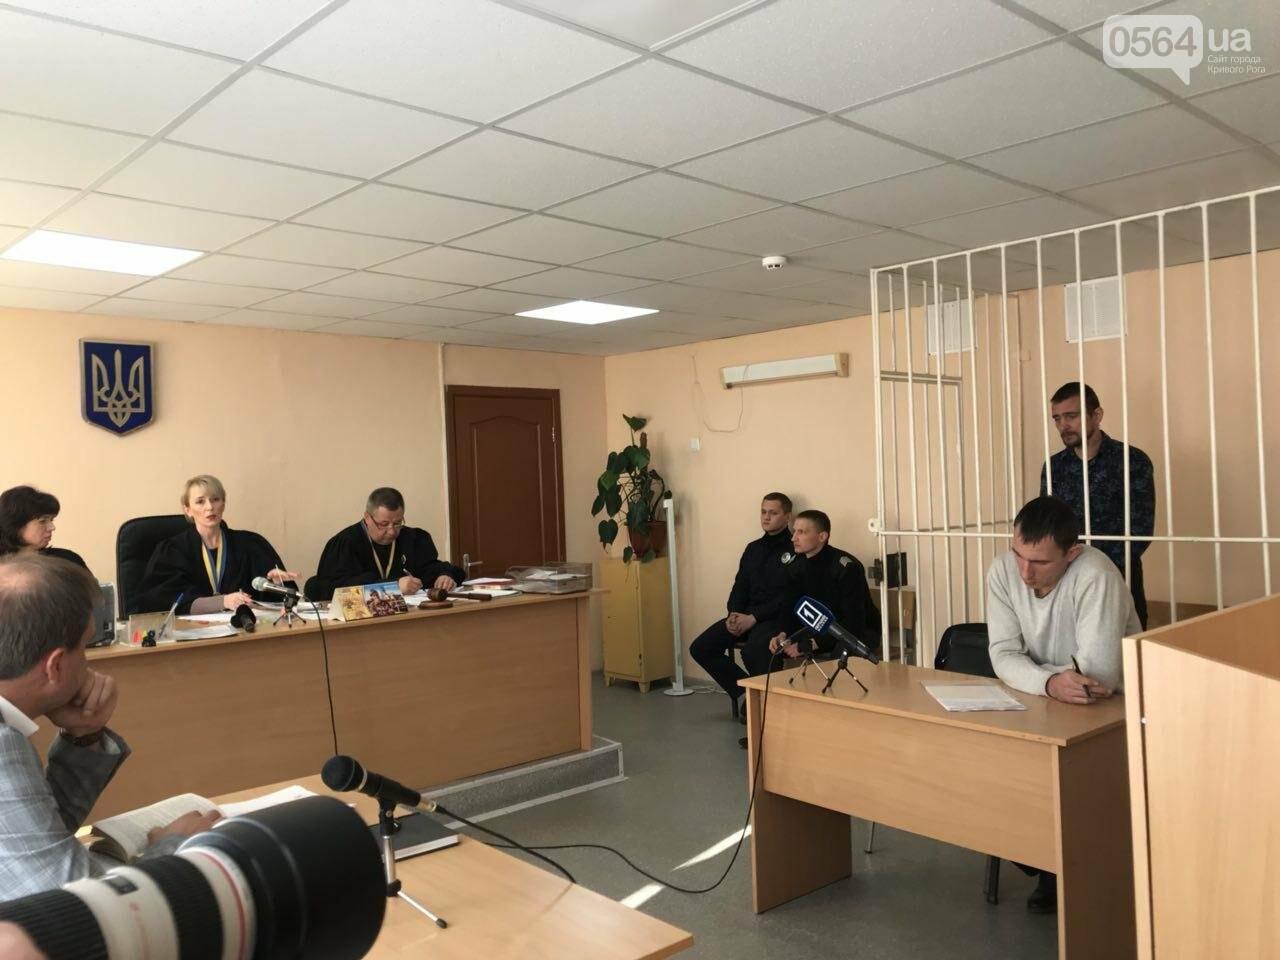 Суд над криворожским маньяком будет проходить в закрытом режиме, - ФОТО , фото-3